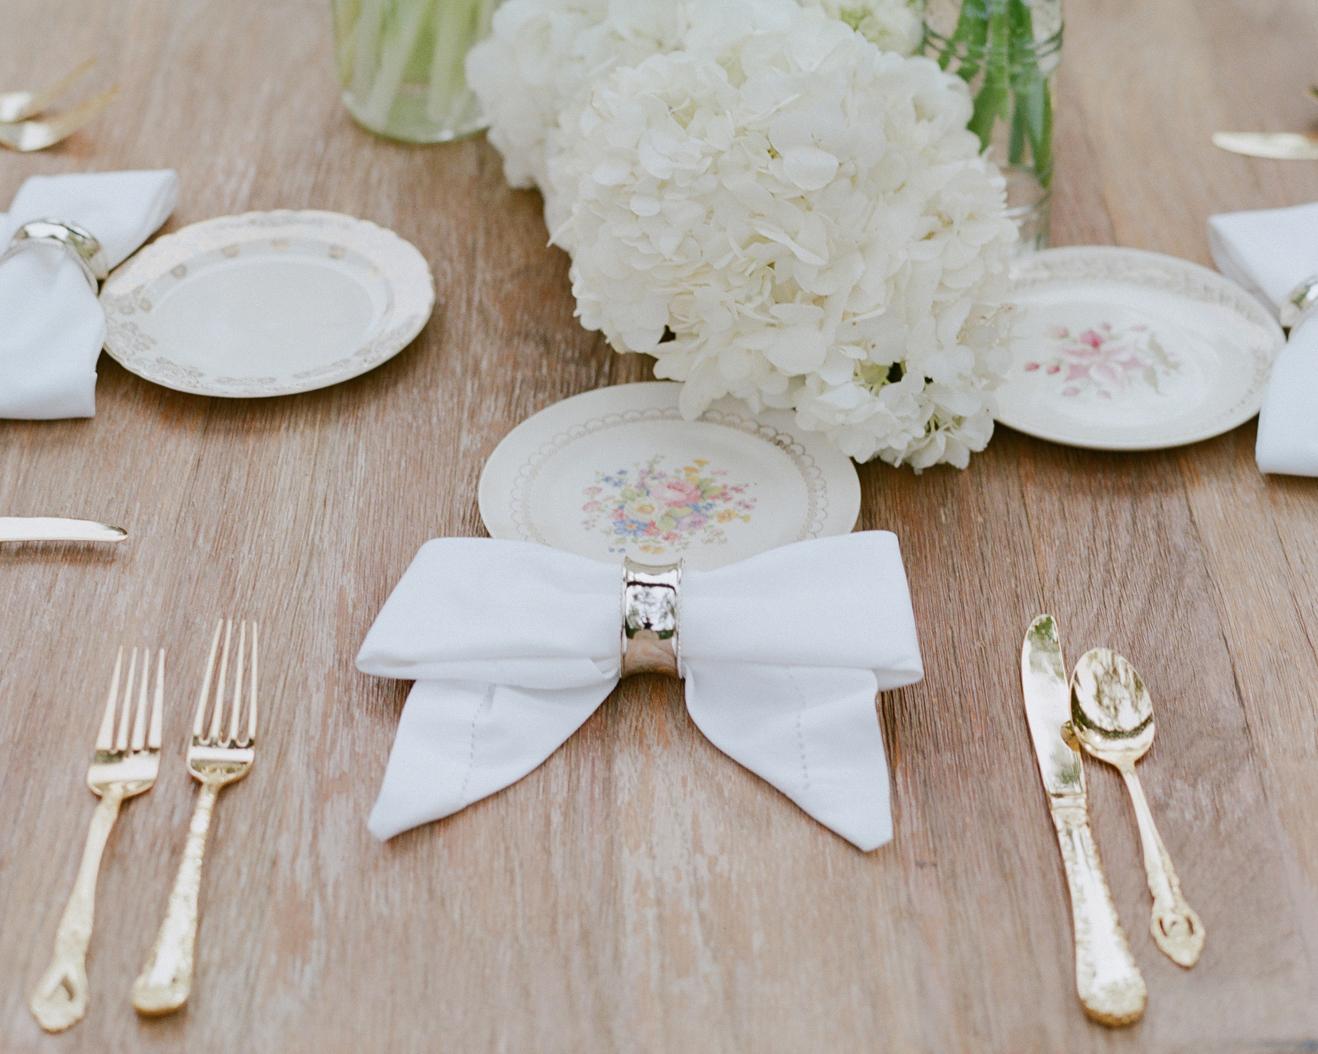 wedding bow details, white napkin with chrome napkin ring forms bow